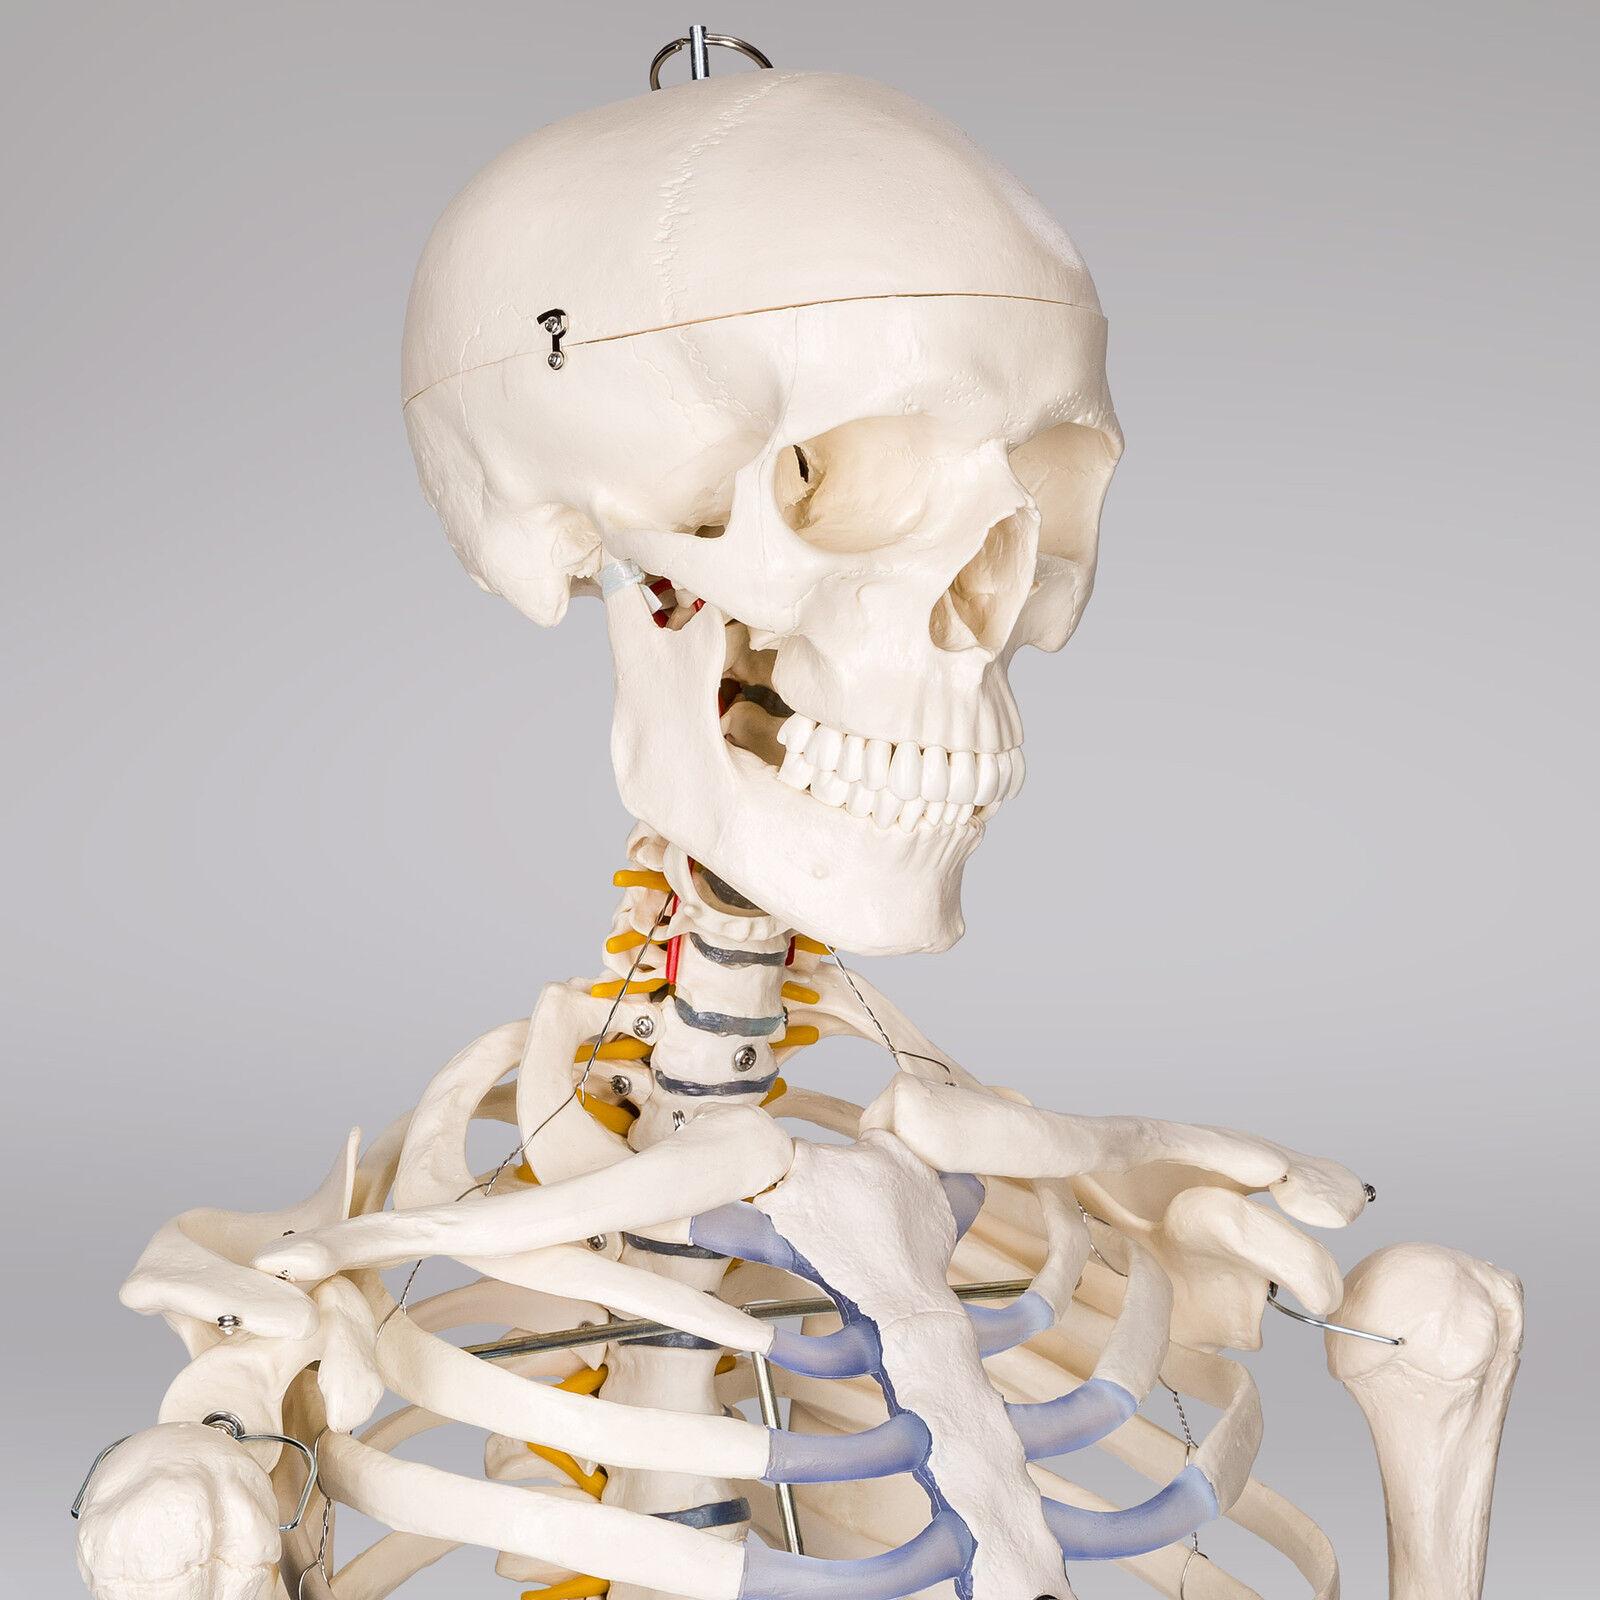 Großartig Menschliches Skelett Modell Markiert Ideen - Menschliche ...